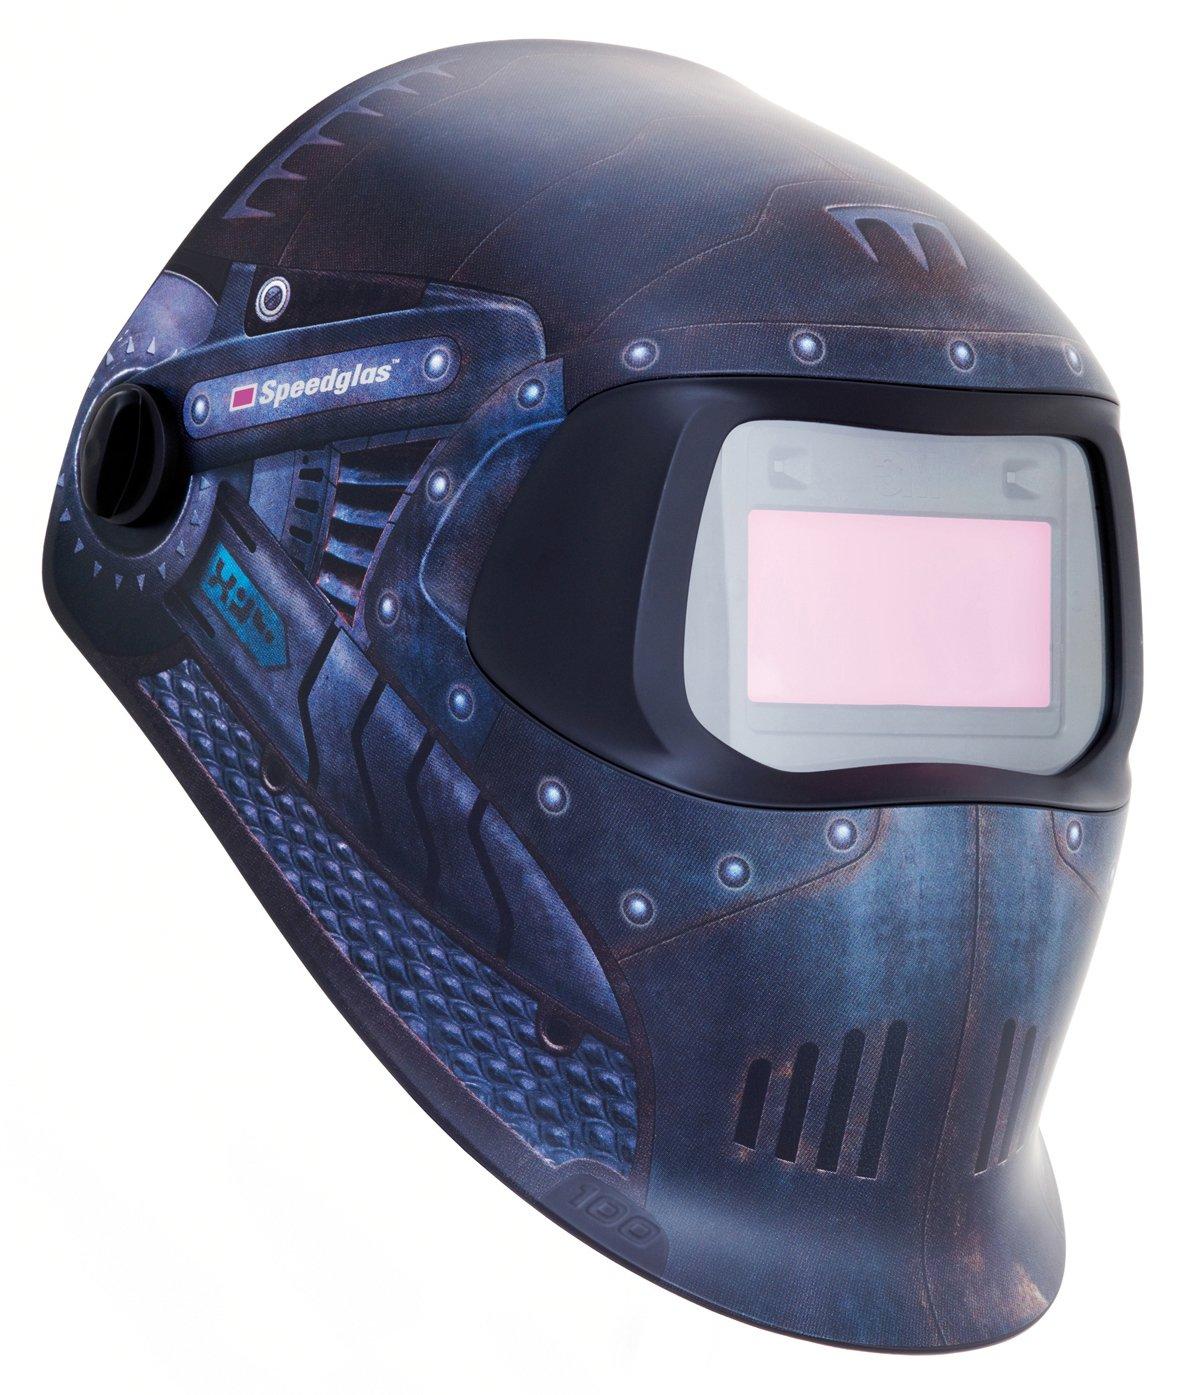 3M Speedglas 100V Trojan Warior, Schweißmaske, H751620  BaumarktÜberprüfung und Beschreibung